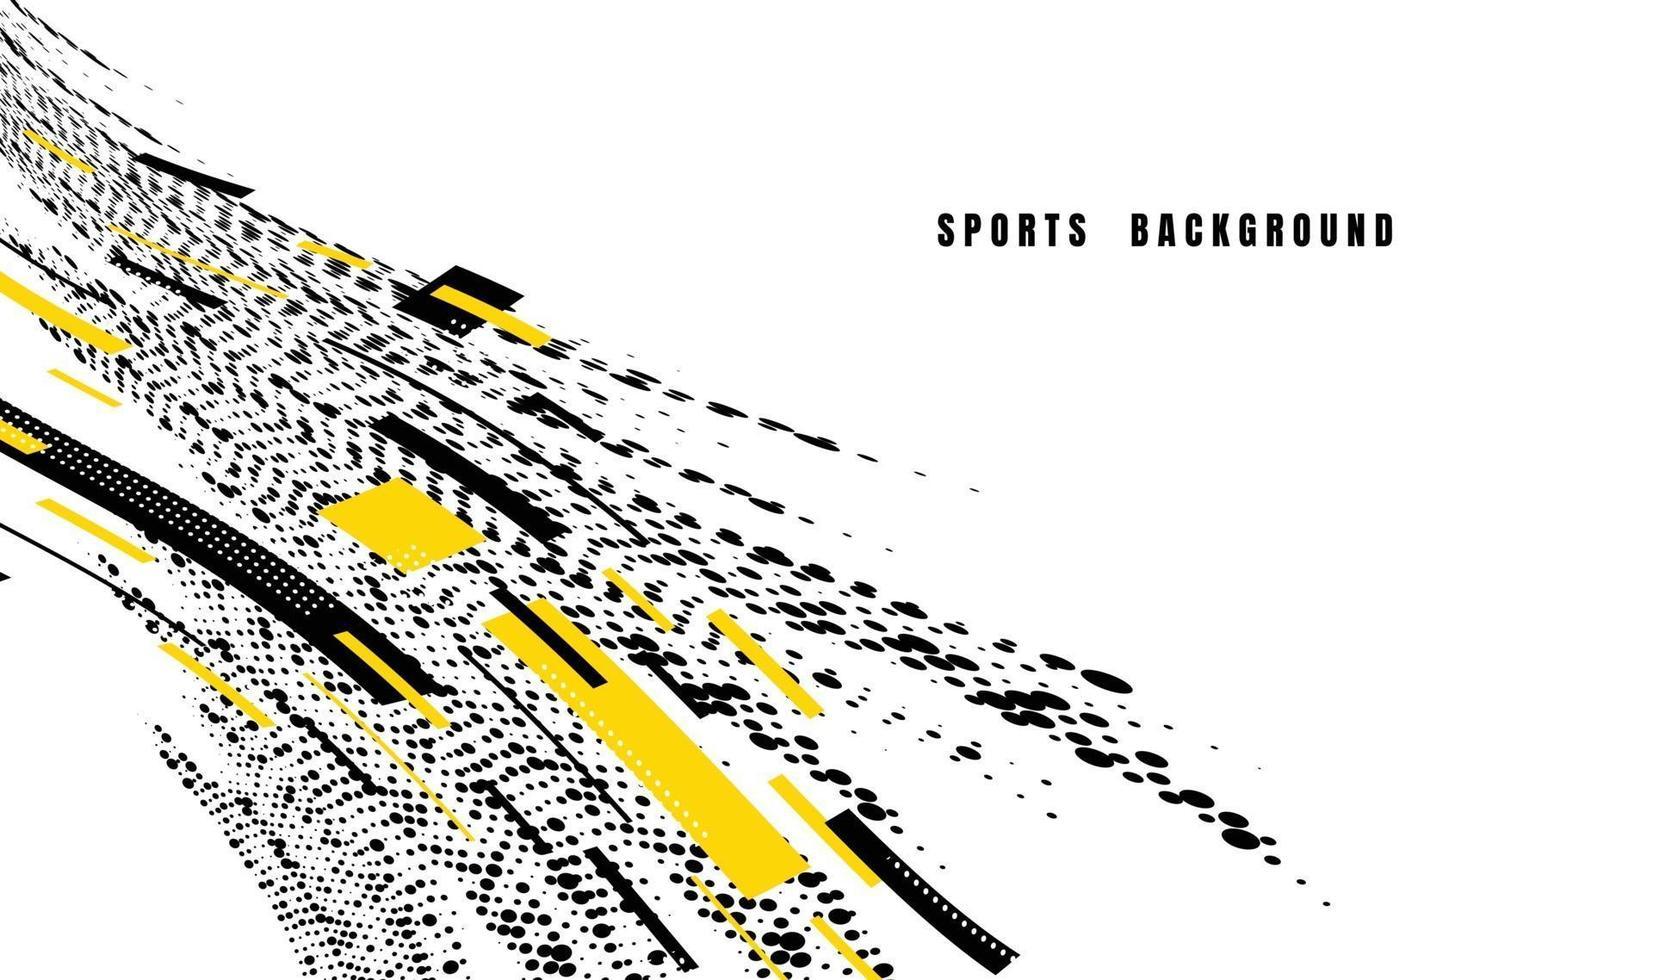 abstracte kleurrijke kunst voor sportachtergrond. dynamische deeltjes. modern wetenschap en technologie-element met lijnontwerp. vector illustratie